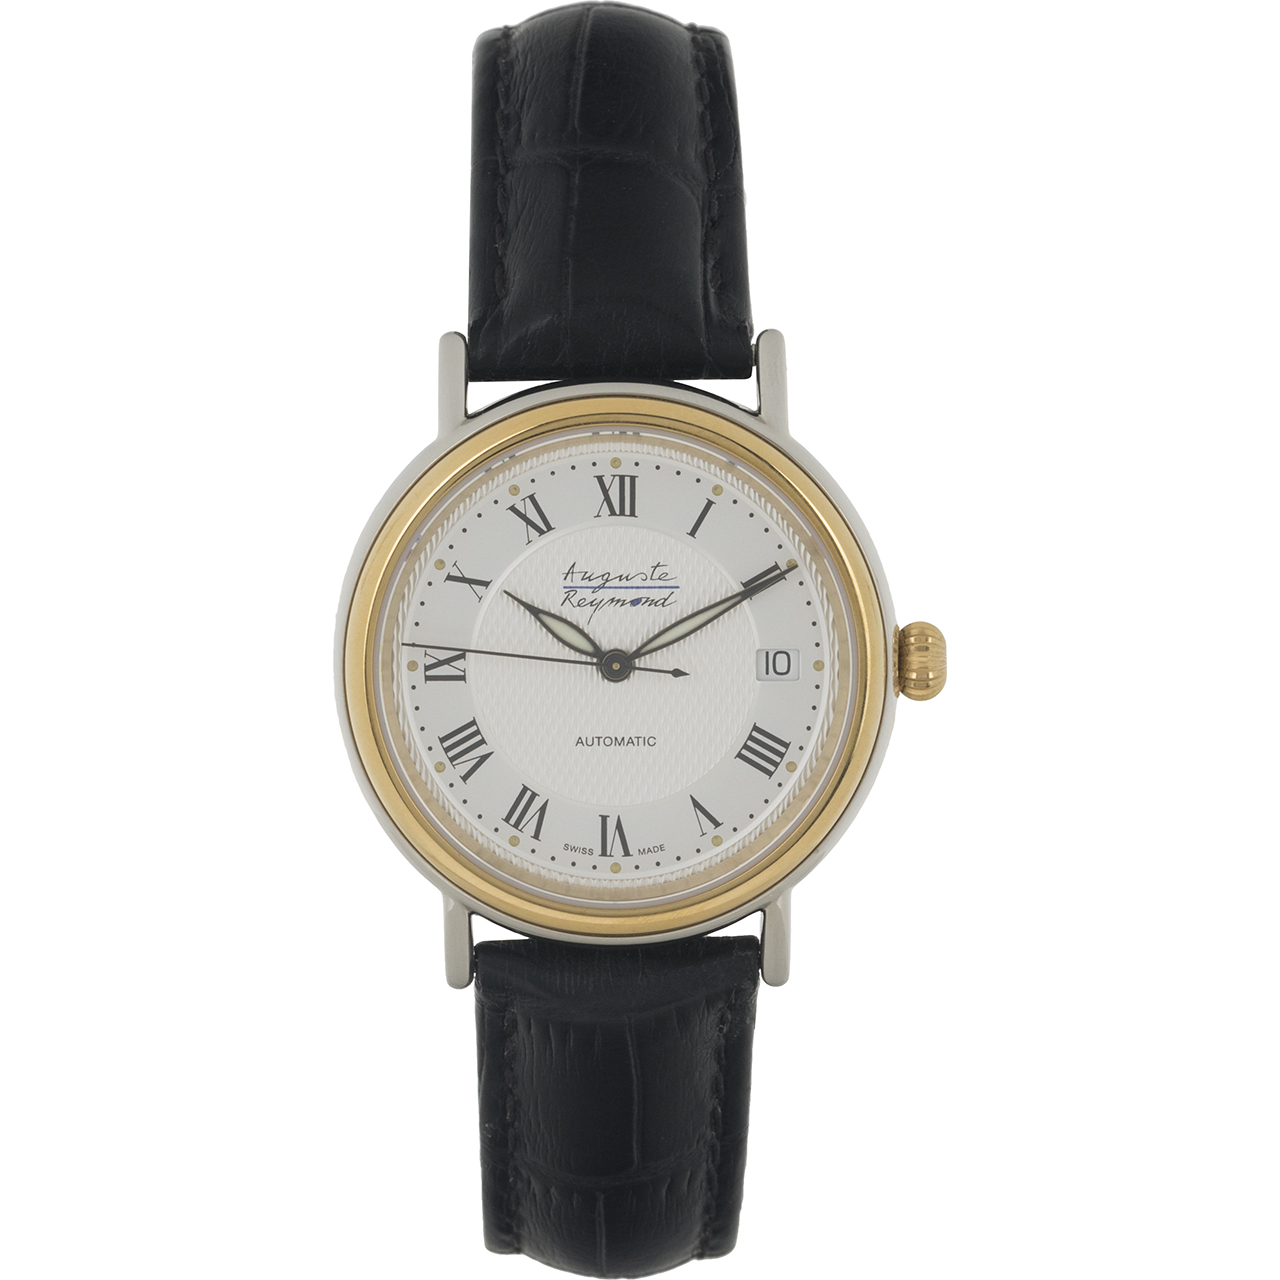 ساعت مچی عقربه ای مردانه آگوست ریموند مدل M-39B545-56A